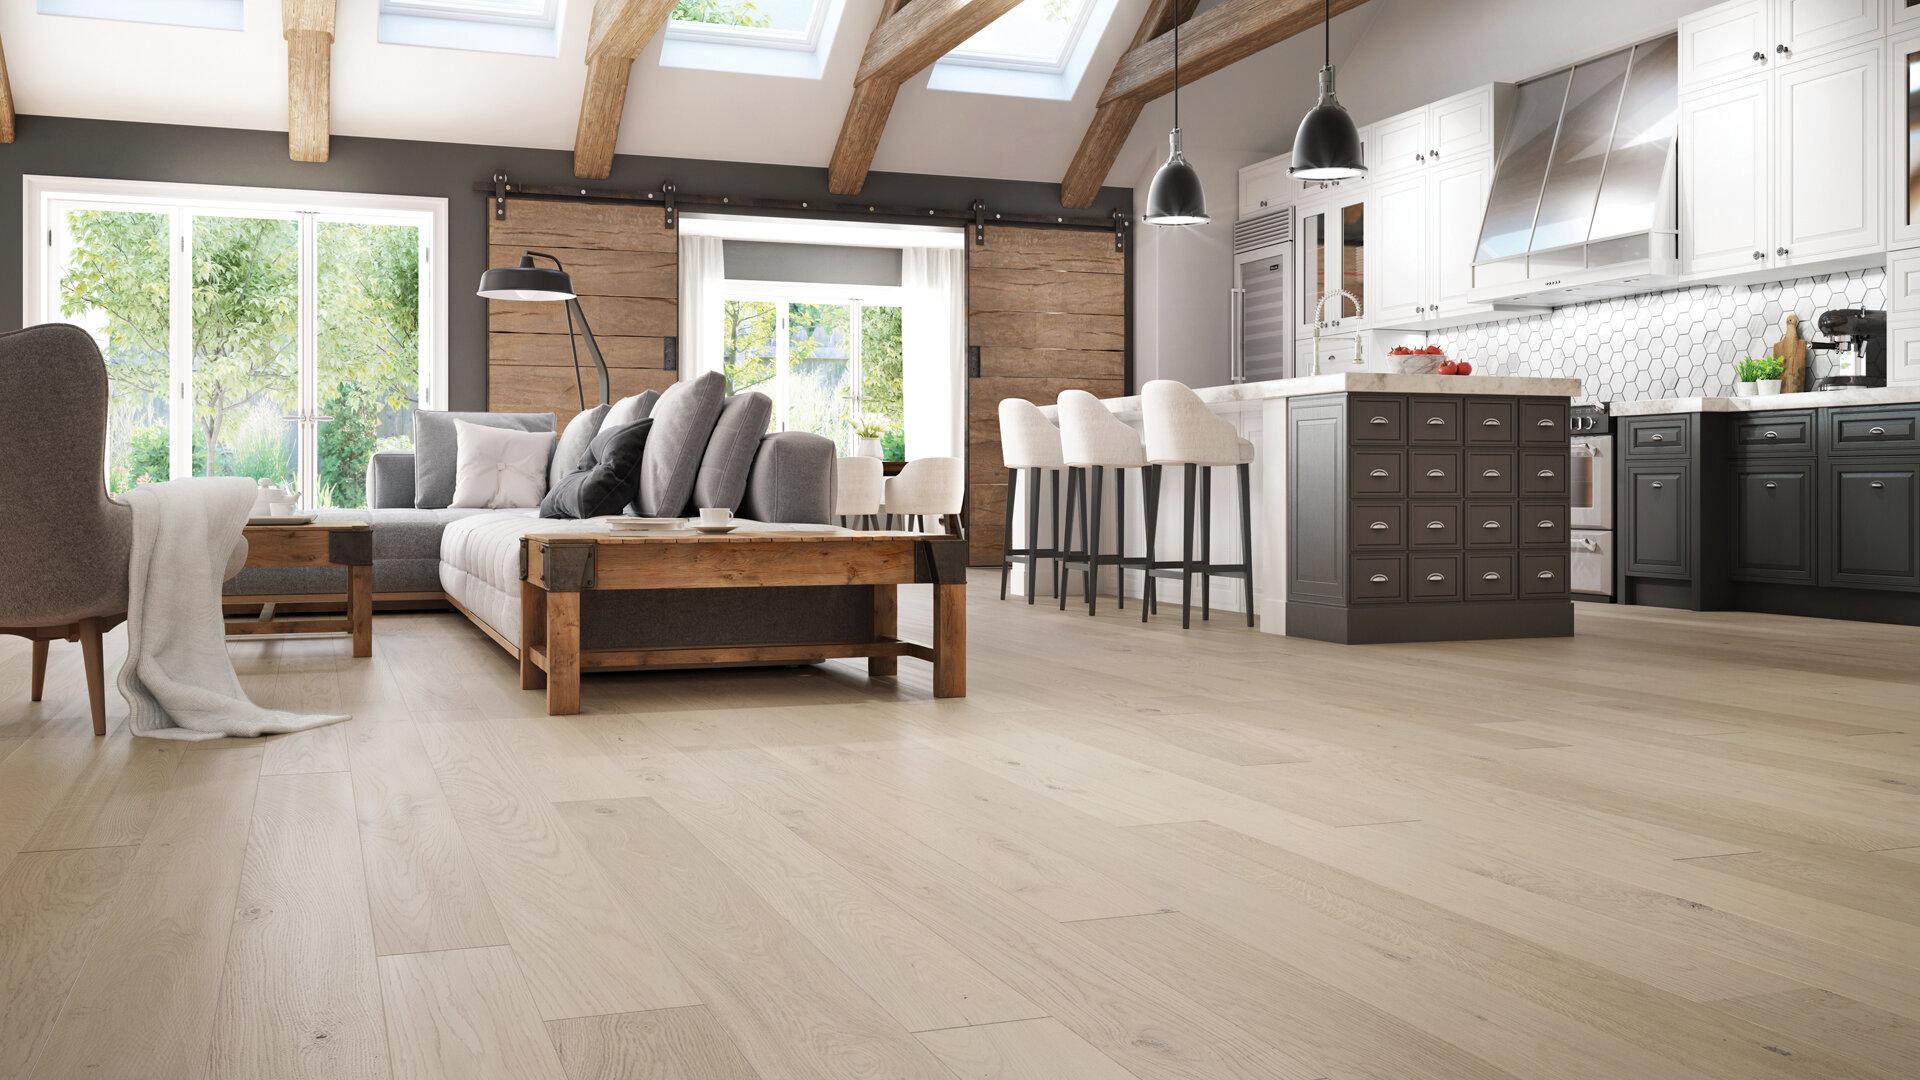 lauzon-hardwood-flooring-trends-2018-designer-estate-white-pak-moorland.jpg